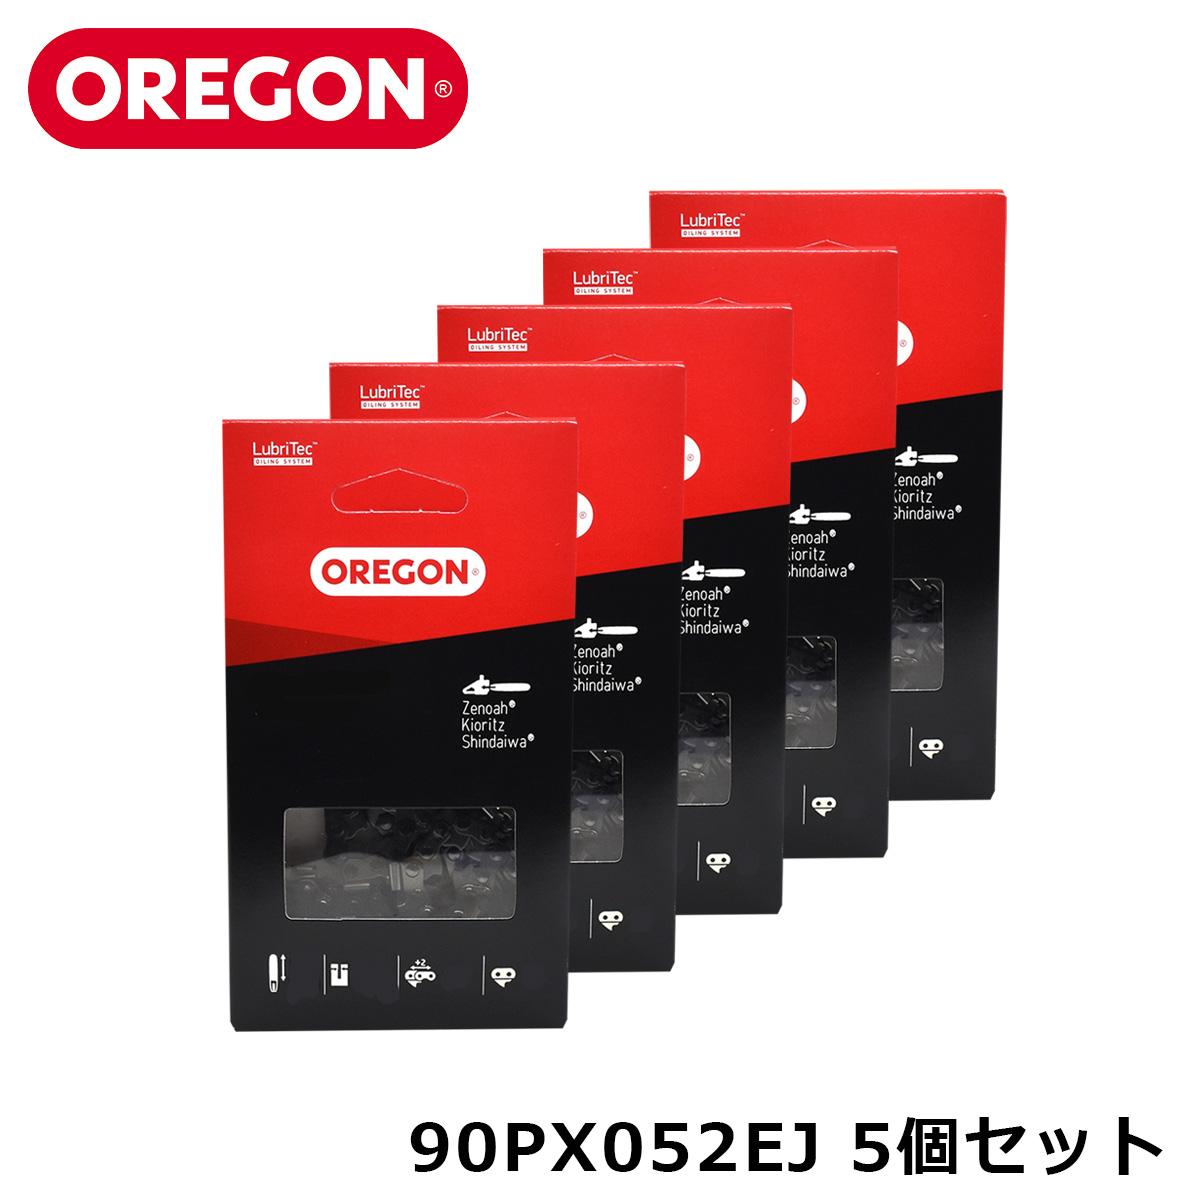 【5個セット】OREGON 90PX052EJ ソーチェーン 替刃 正規品 パーツ チェンソー 90PX アドバンスカット オレゴン